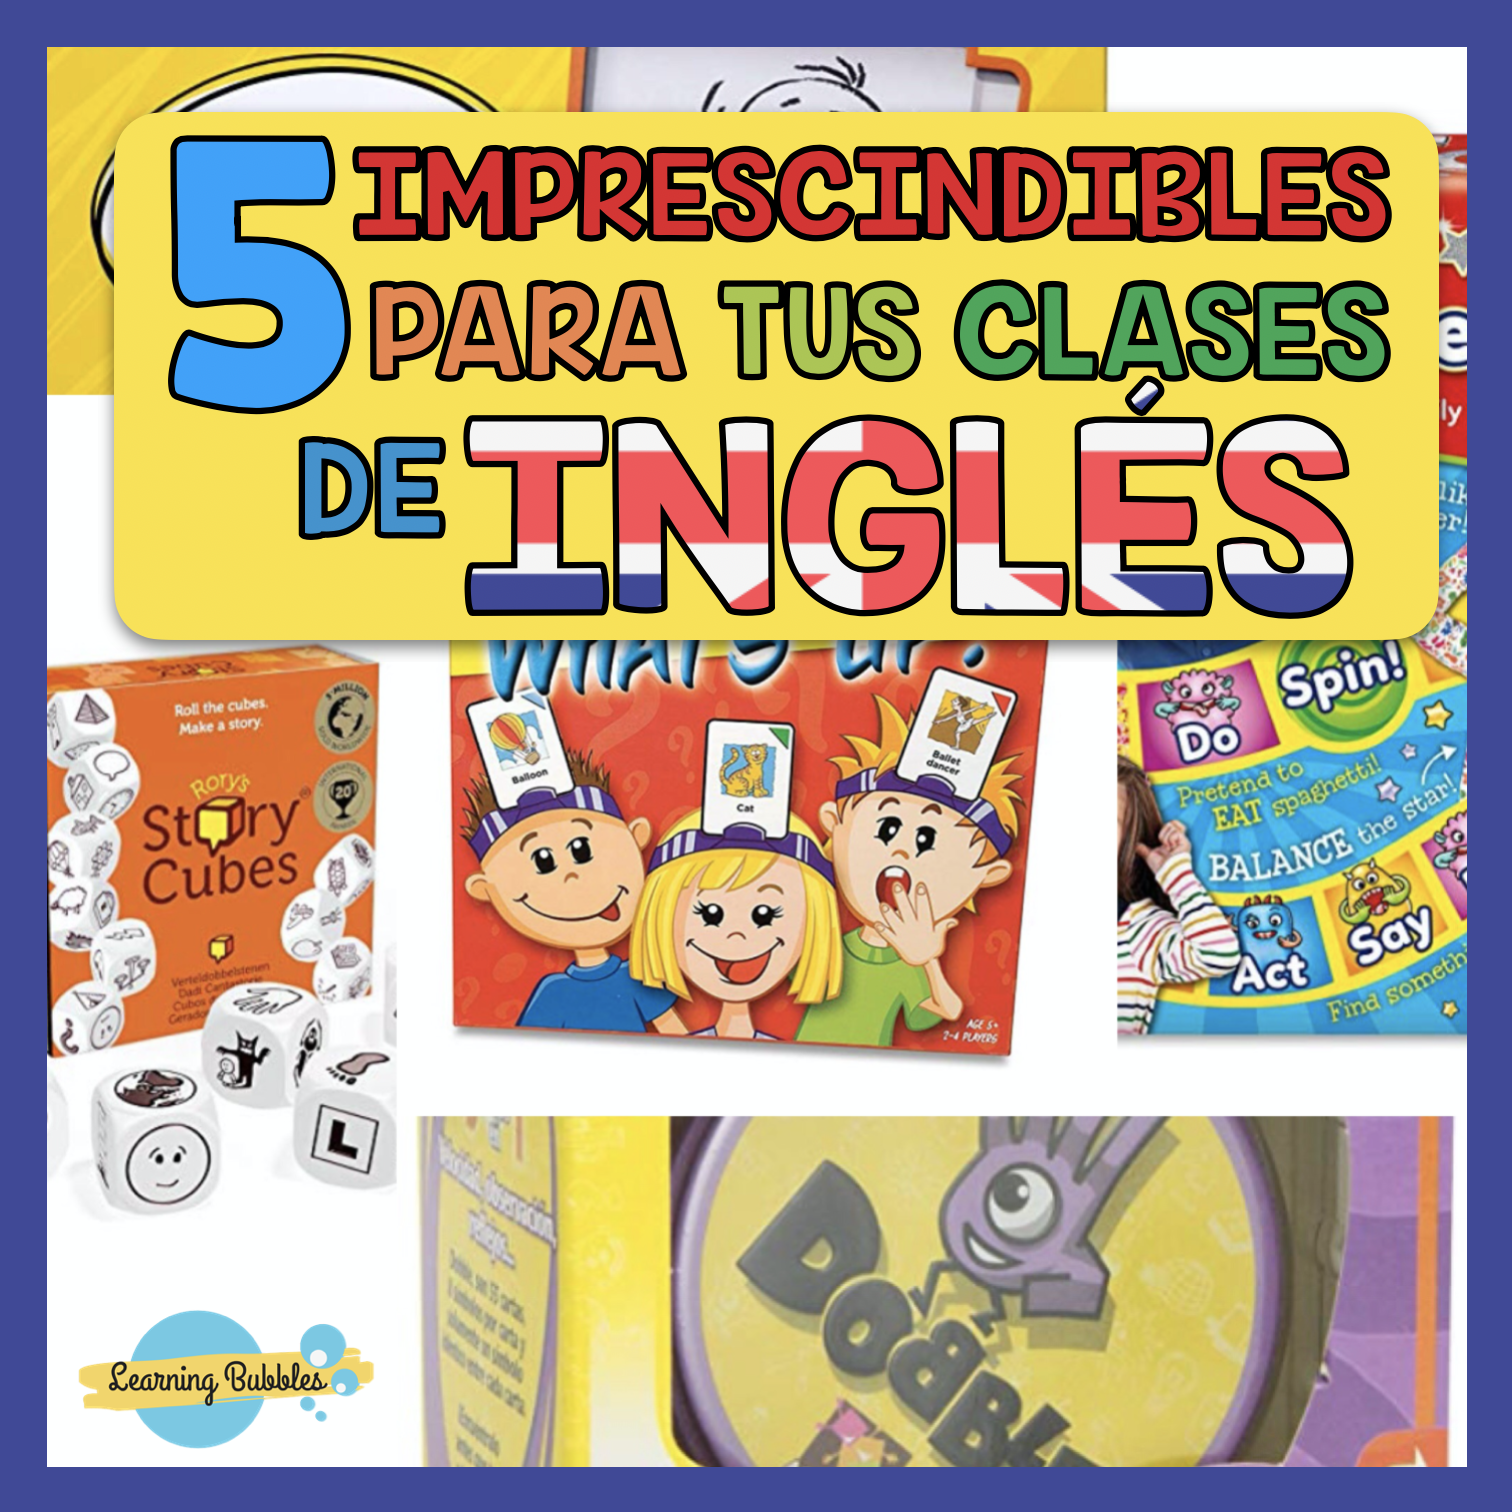 5 JUEGOS IMPRESCINDIBLES PARA TUS CLASES DE INGLÉS